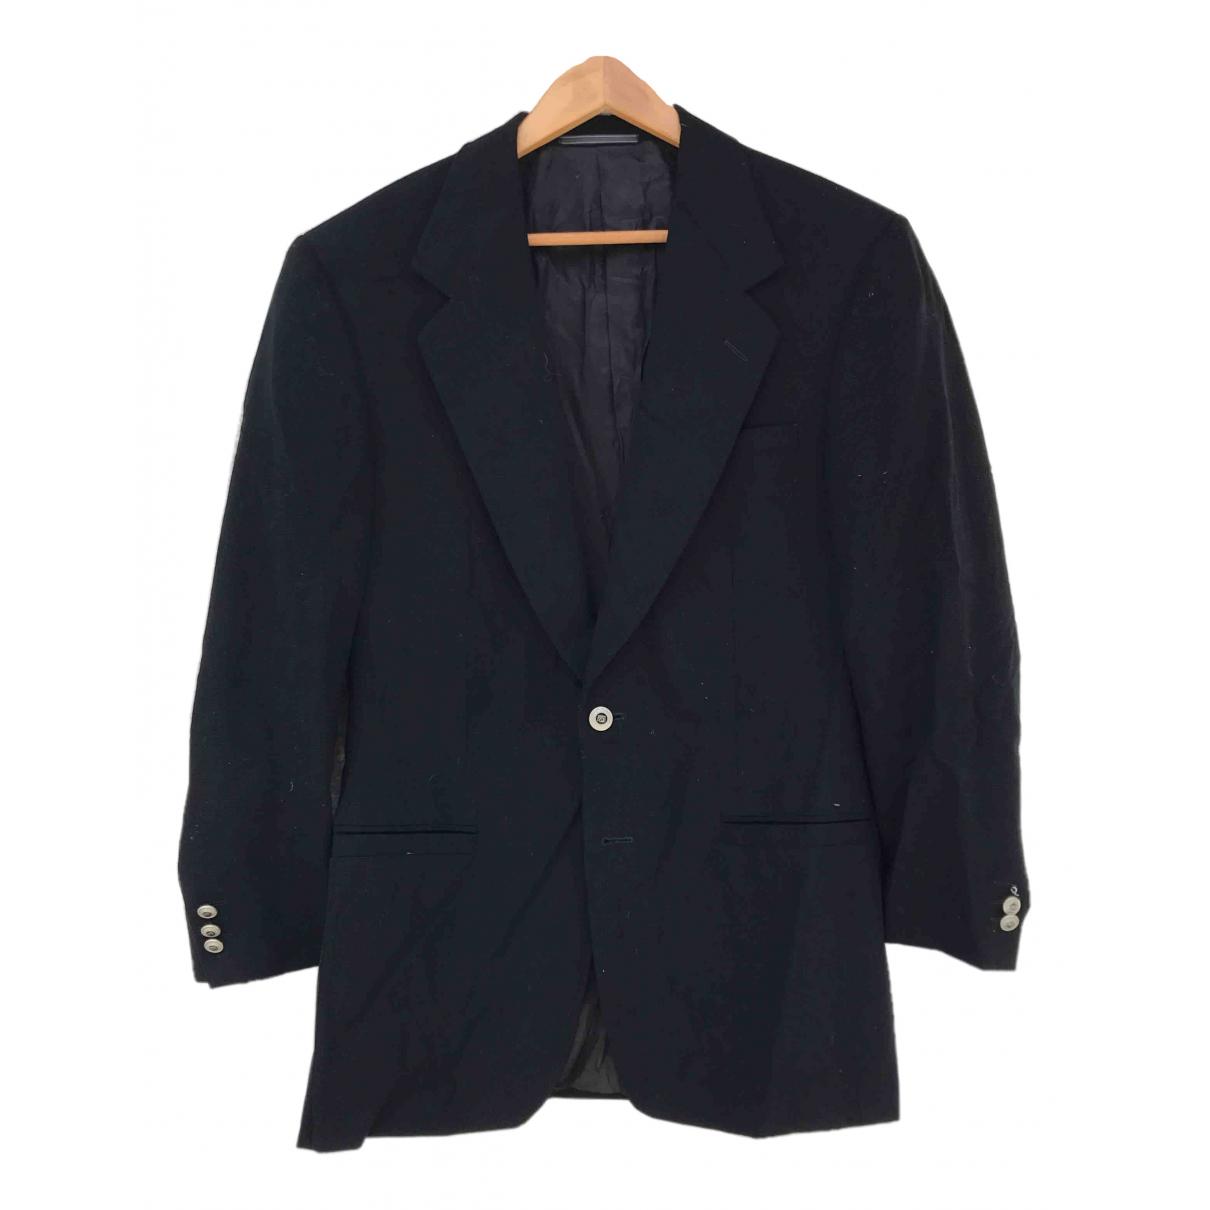 Versace - Vestes.Blousons   pour homme en laine - noir